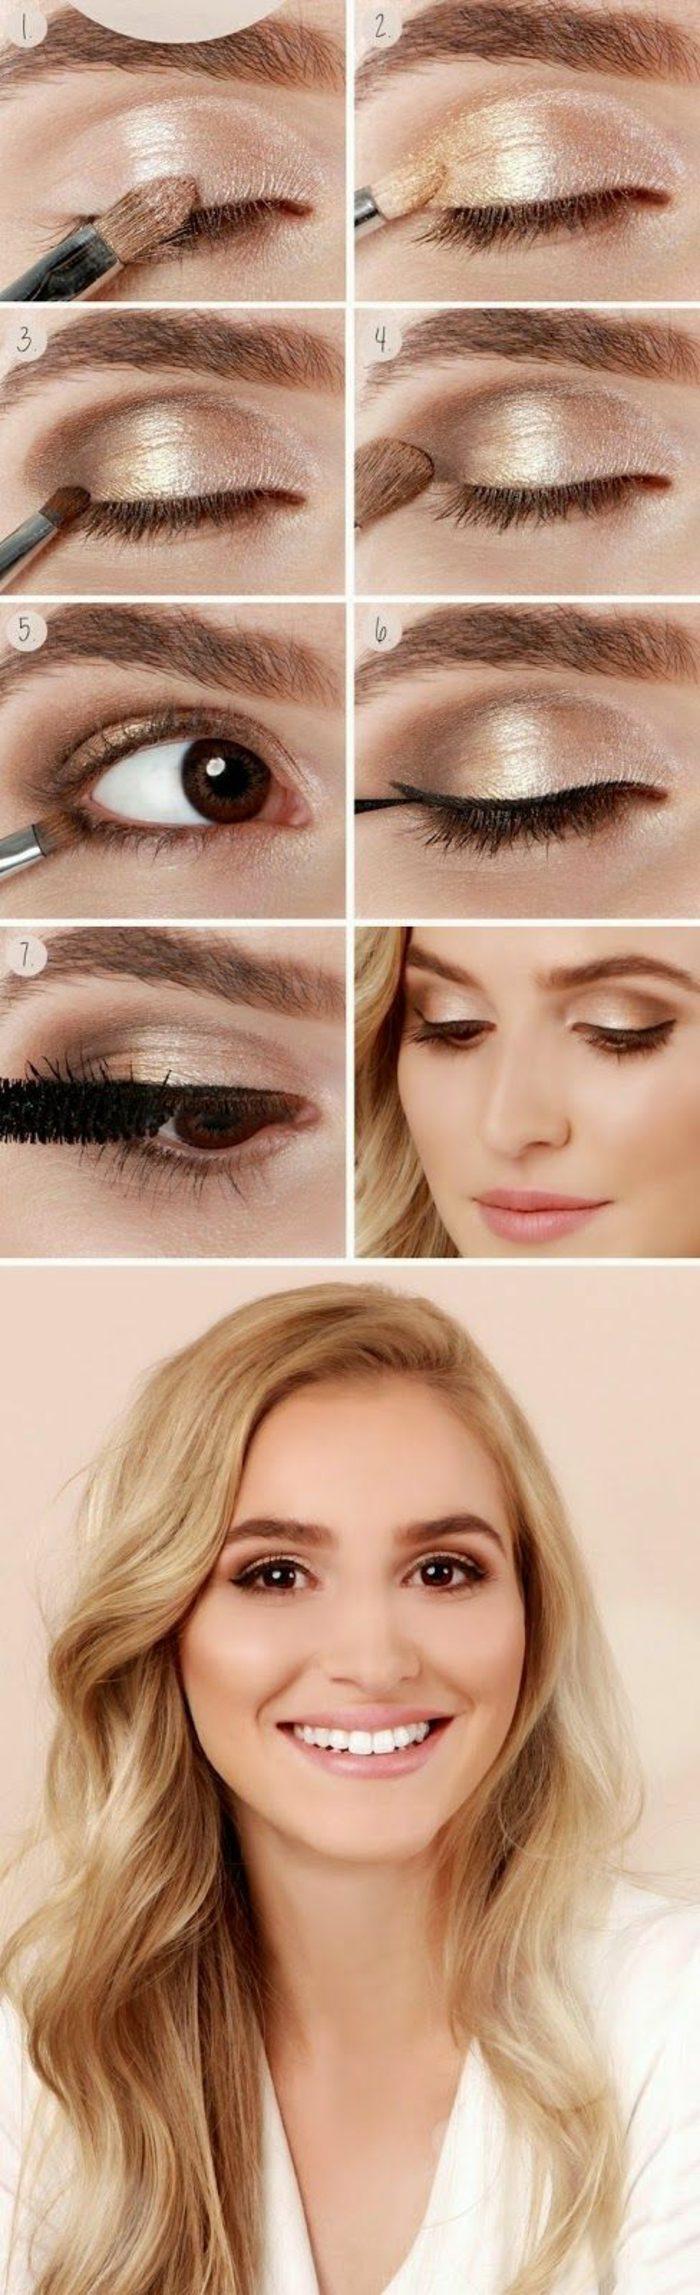 como-maquillarse-los-ojos-en-tonos-naturales-con-poco-purpurina-ojos-marrones